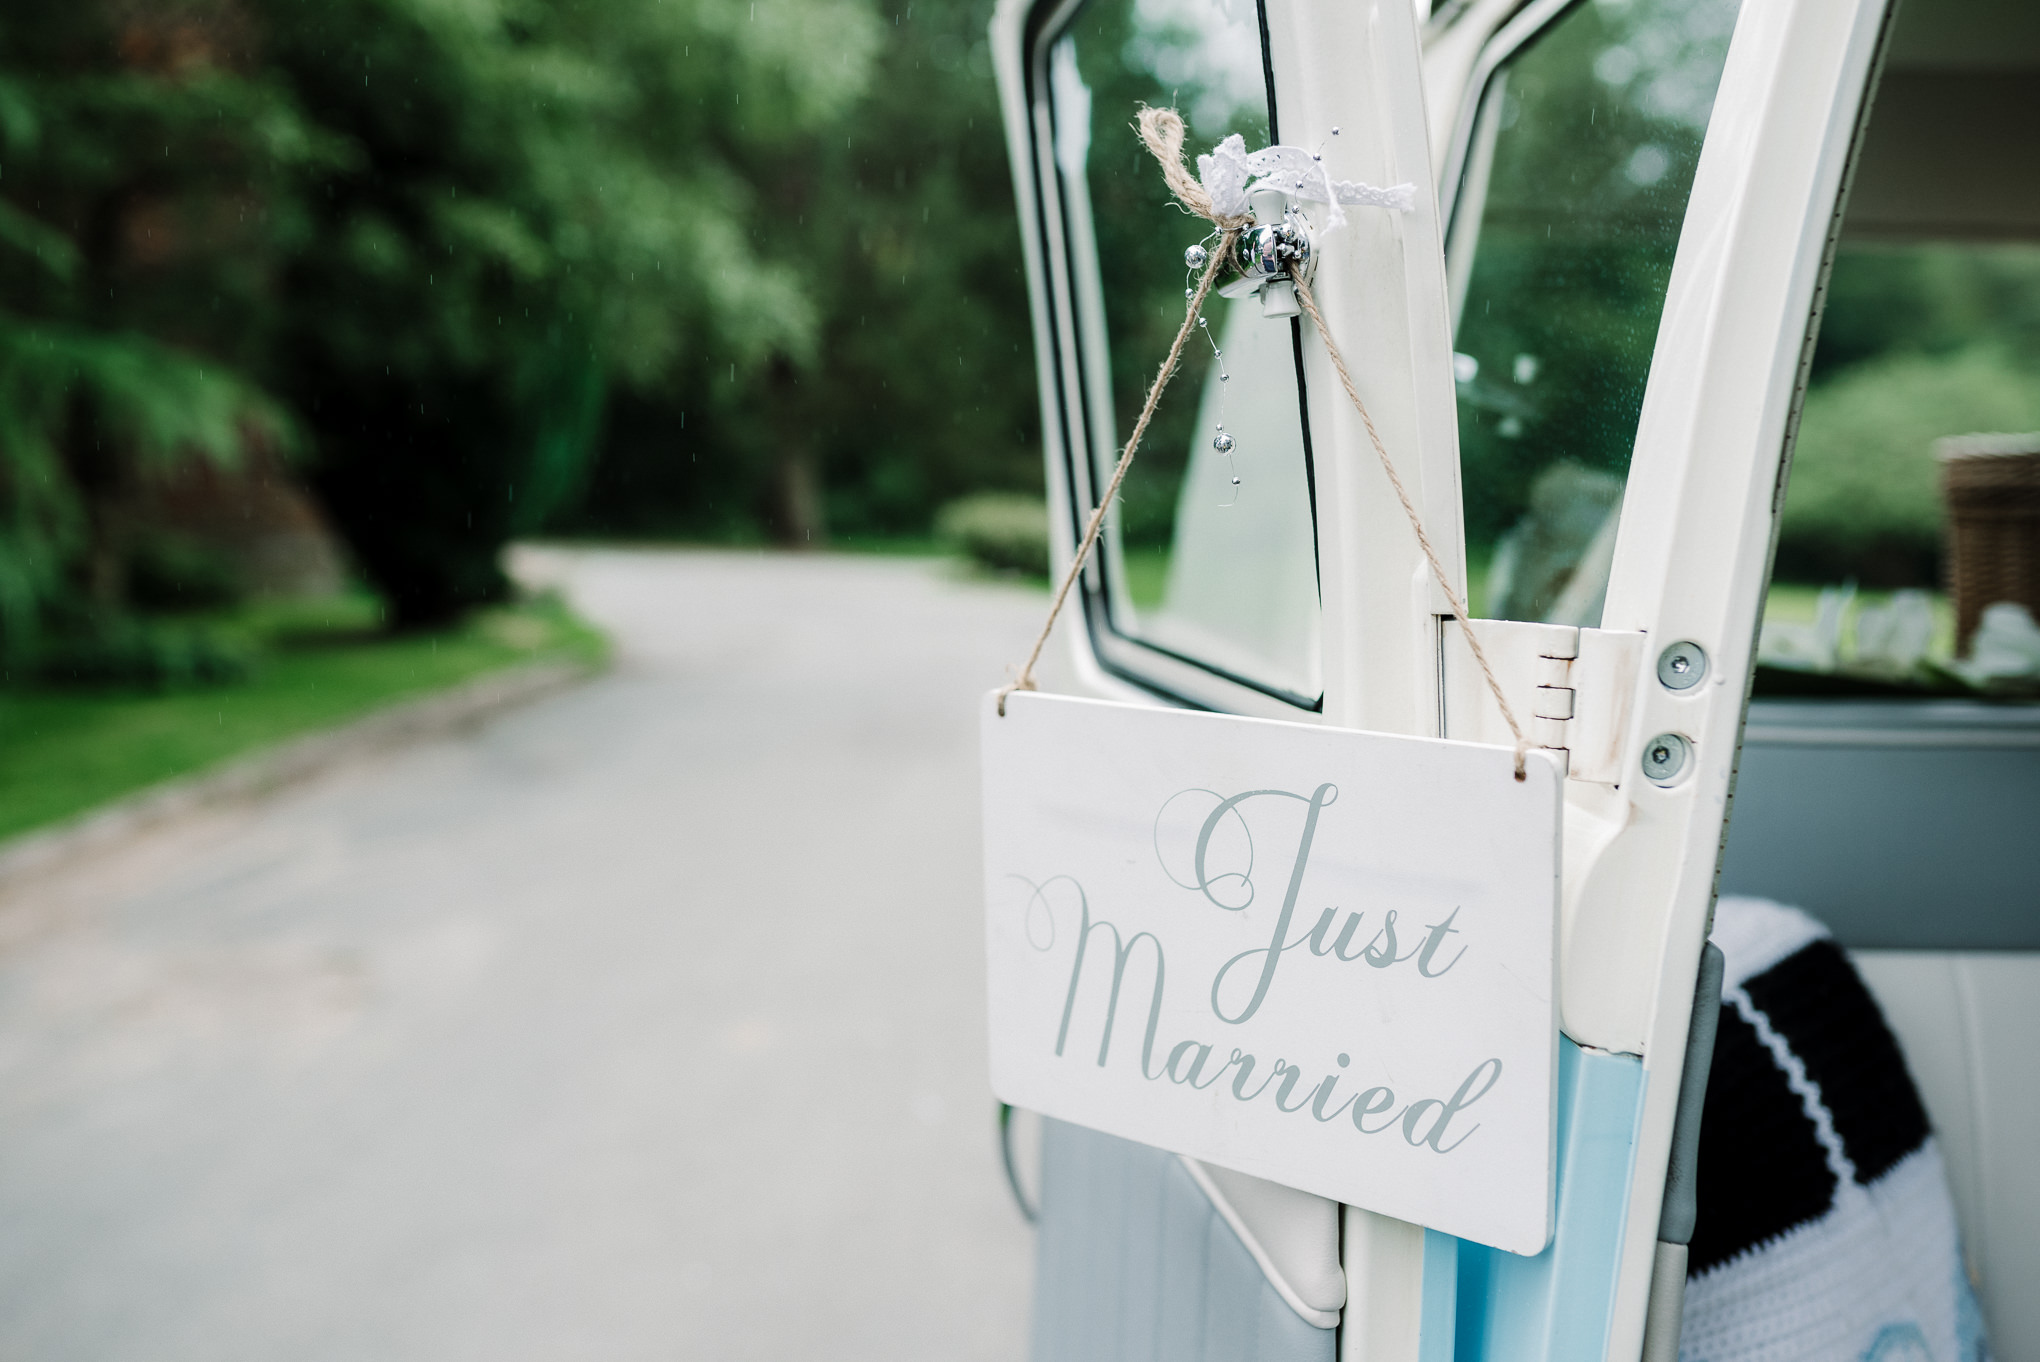 Just married sign hung on camper van door.